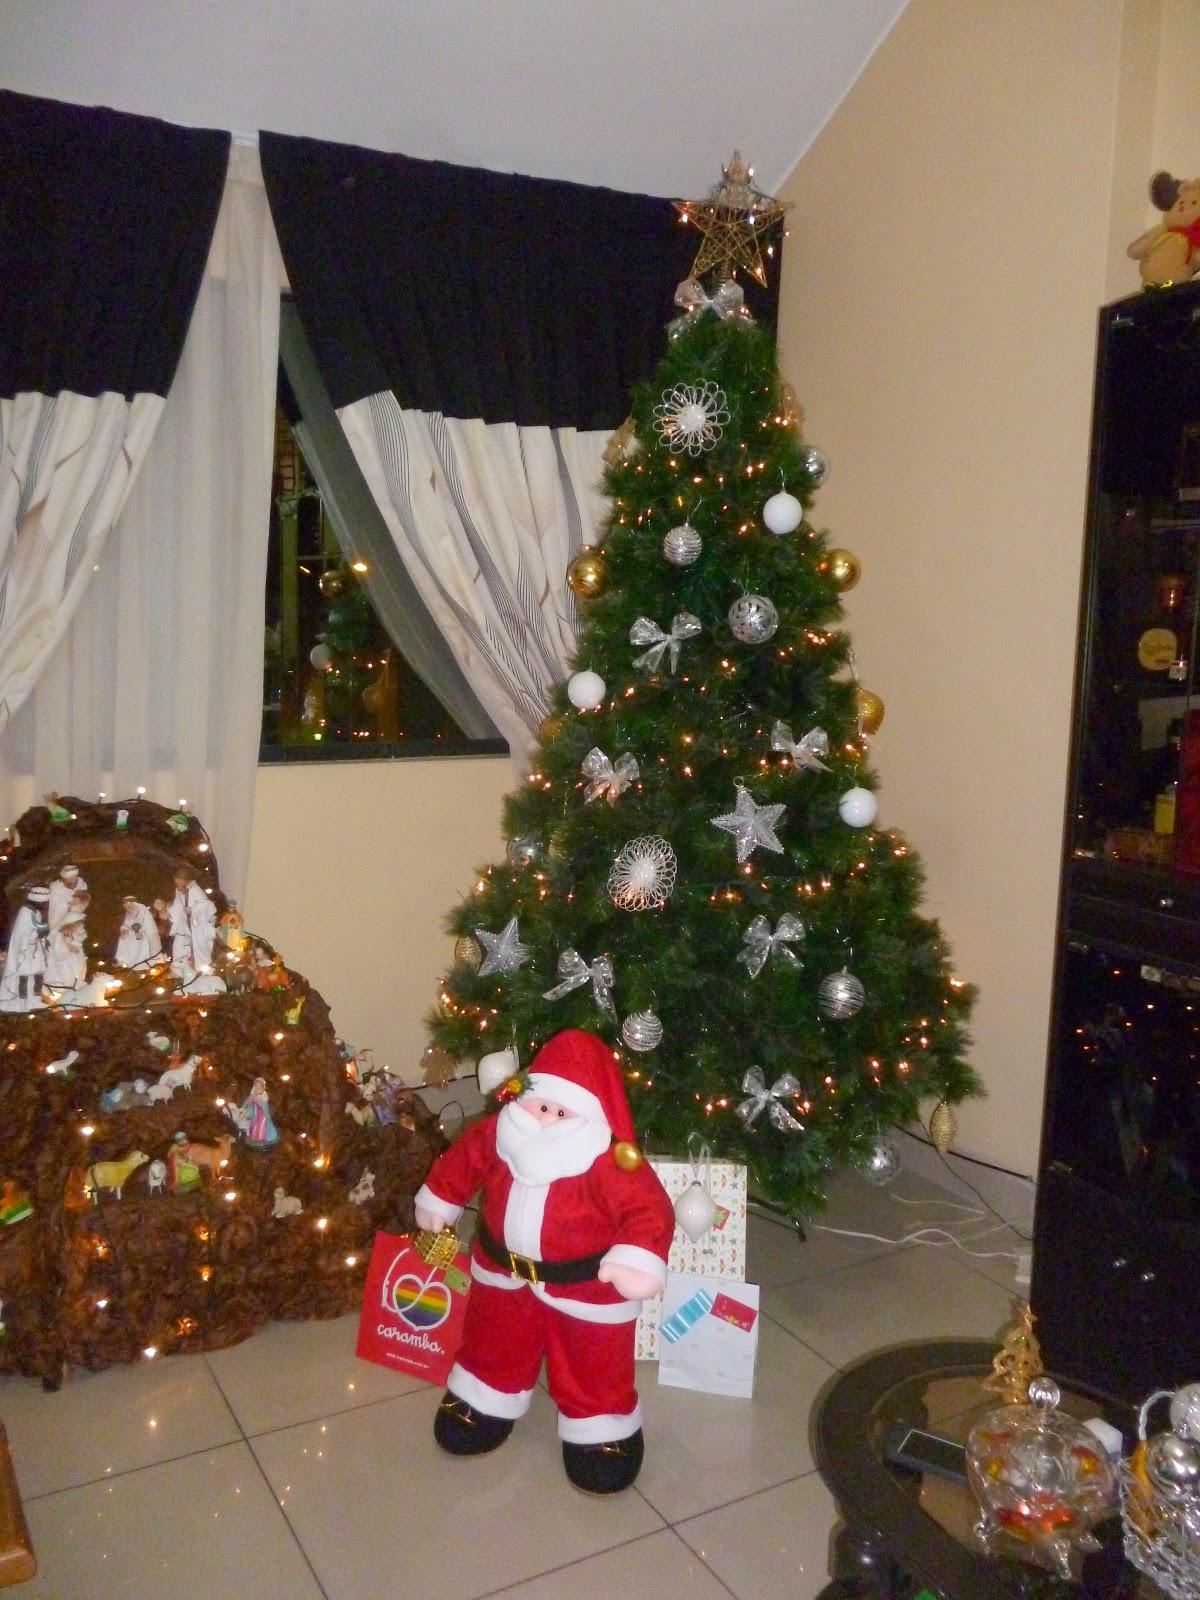 Cherleysa manualidades navide as decoraciones navide as 2016 - Manualidades decoracion navidena ...